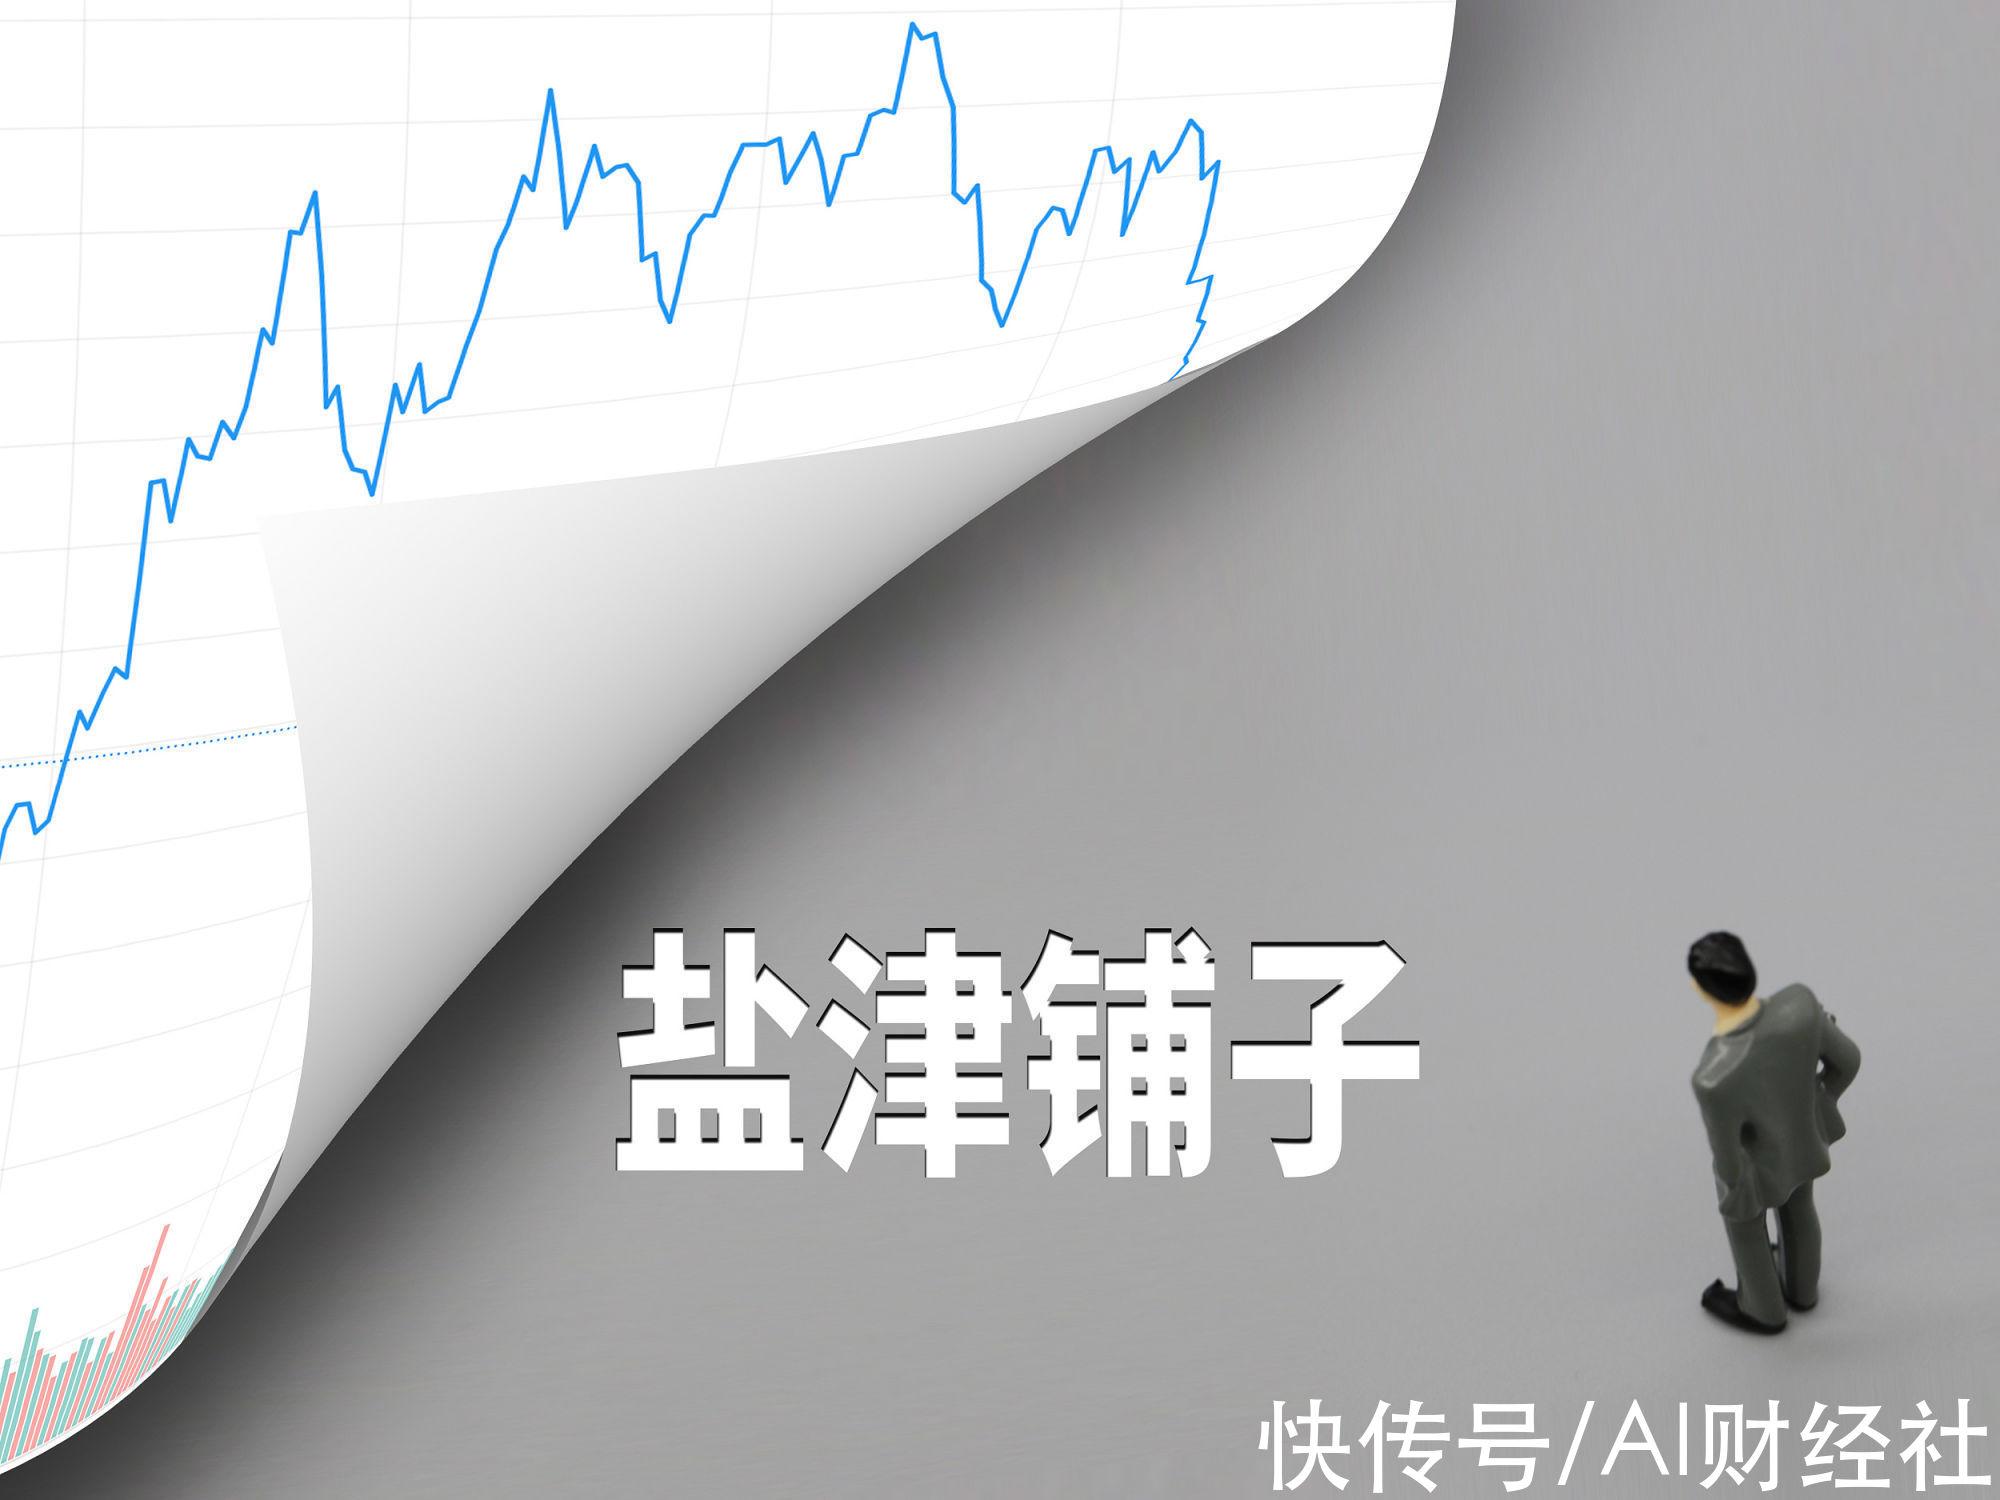 盐津铺子三季度预计利润下滑近5成,优势产品增长放缓